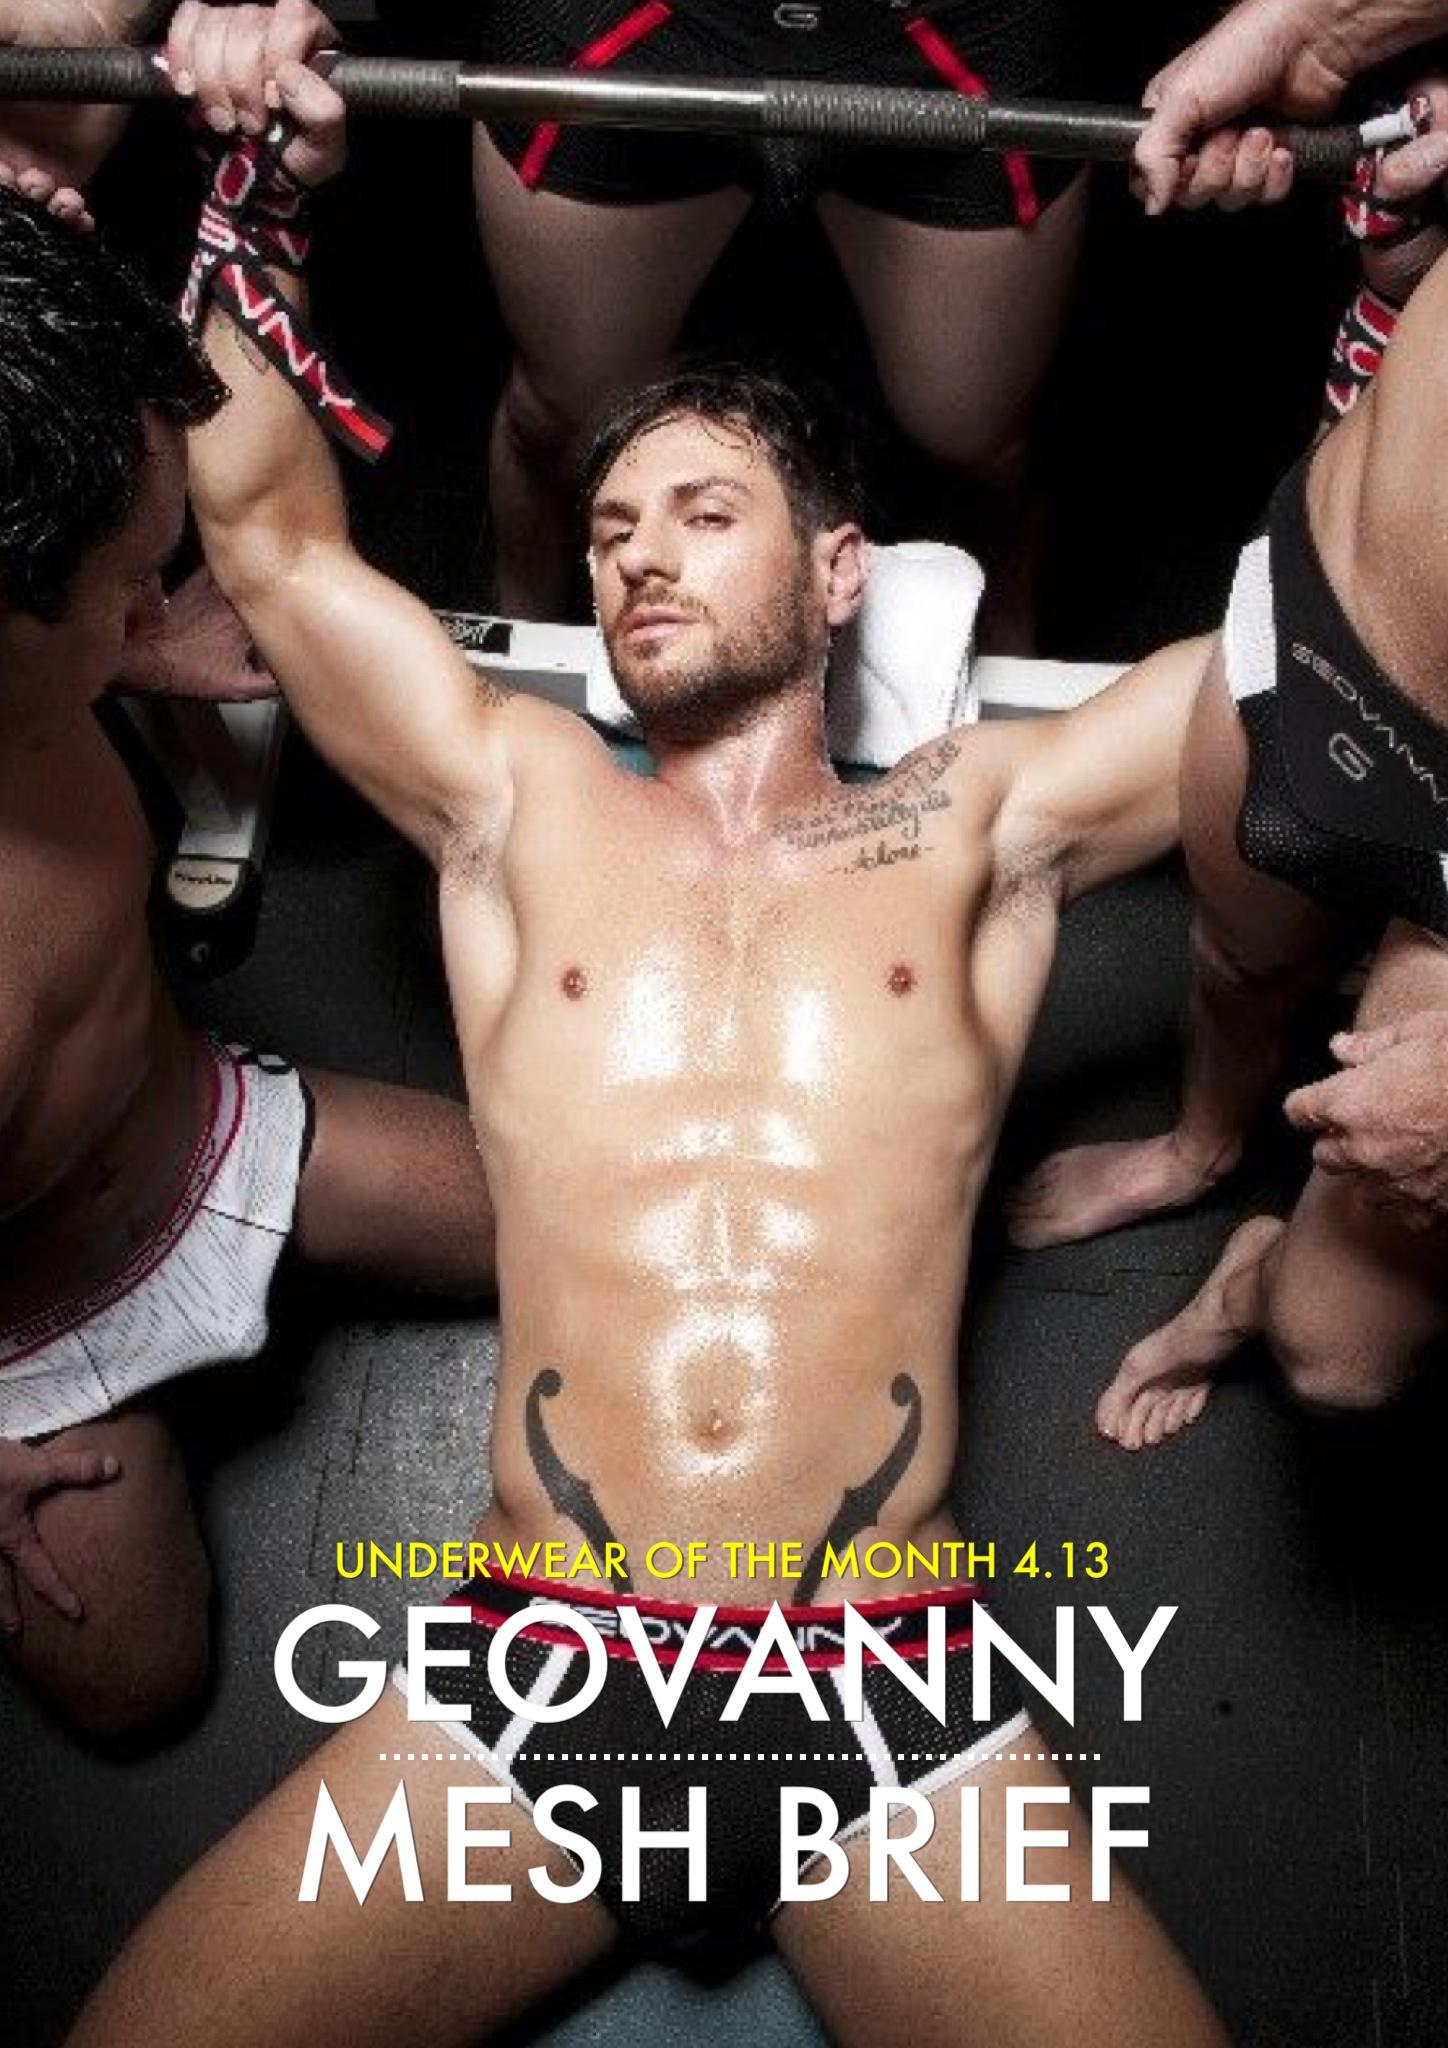 Underwear of the Week April 2013 - Geovanny Mesh Brief